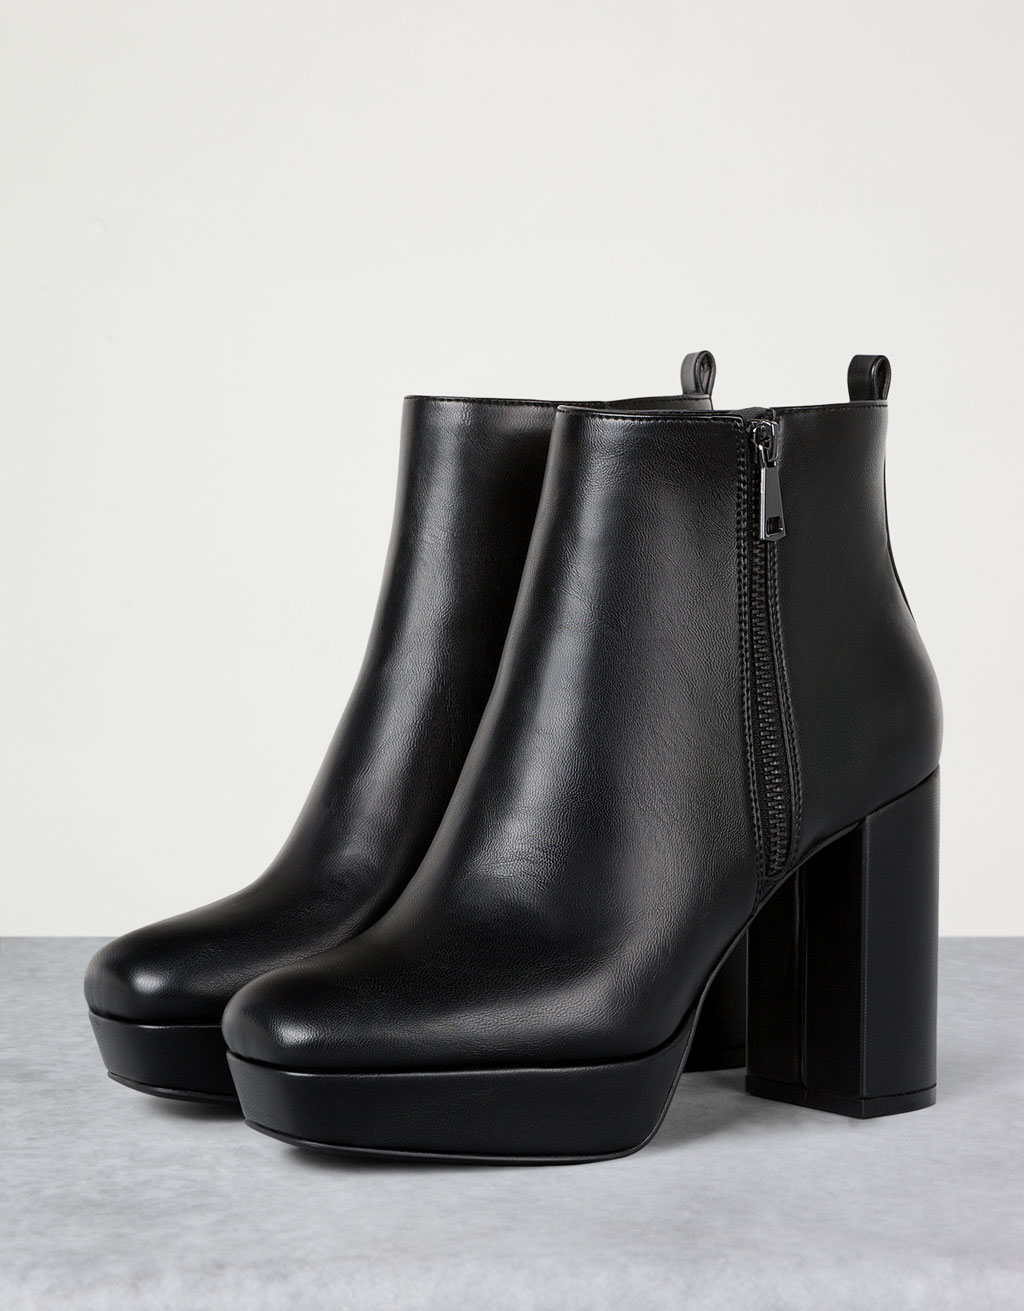 Wide heel platform ankle boots